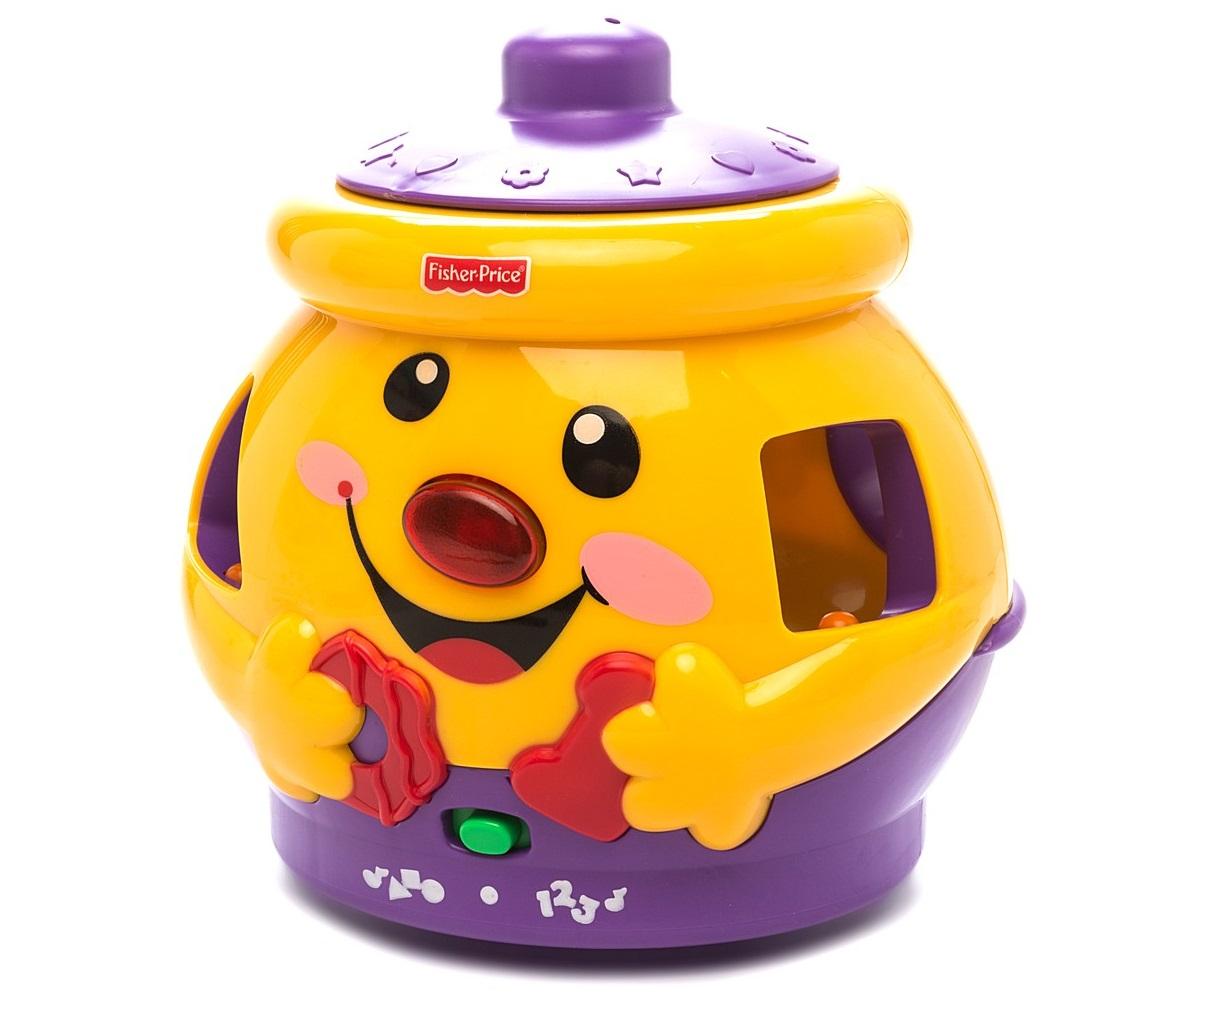 Fisher price горшочек игрушка